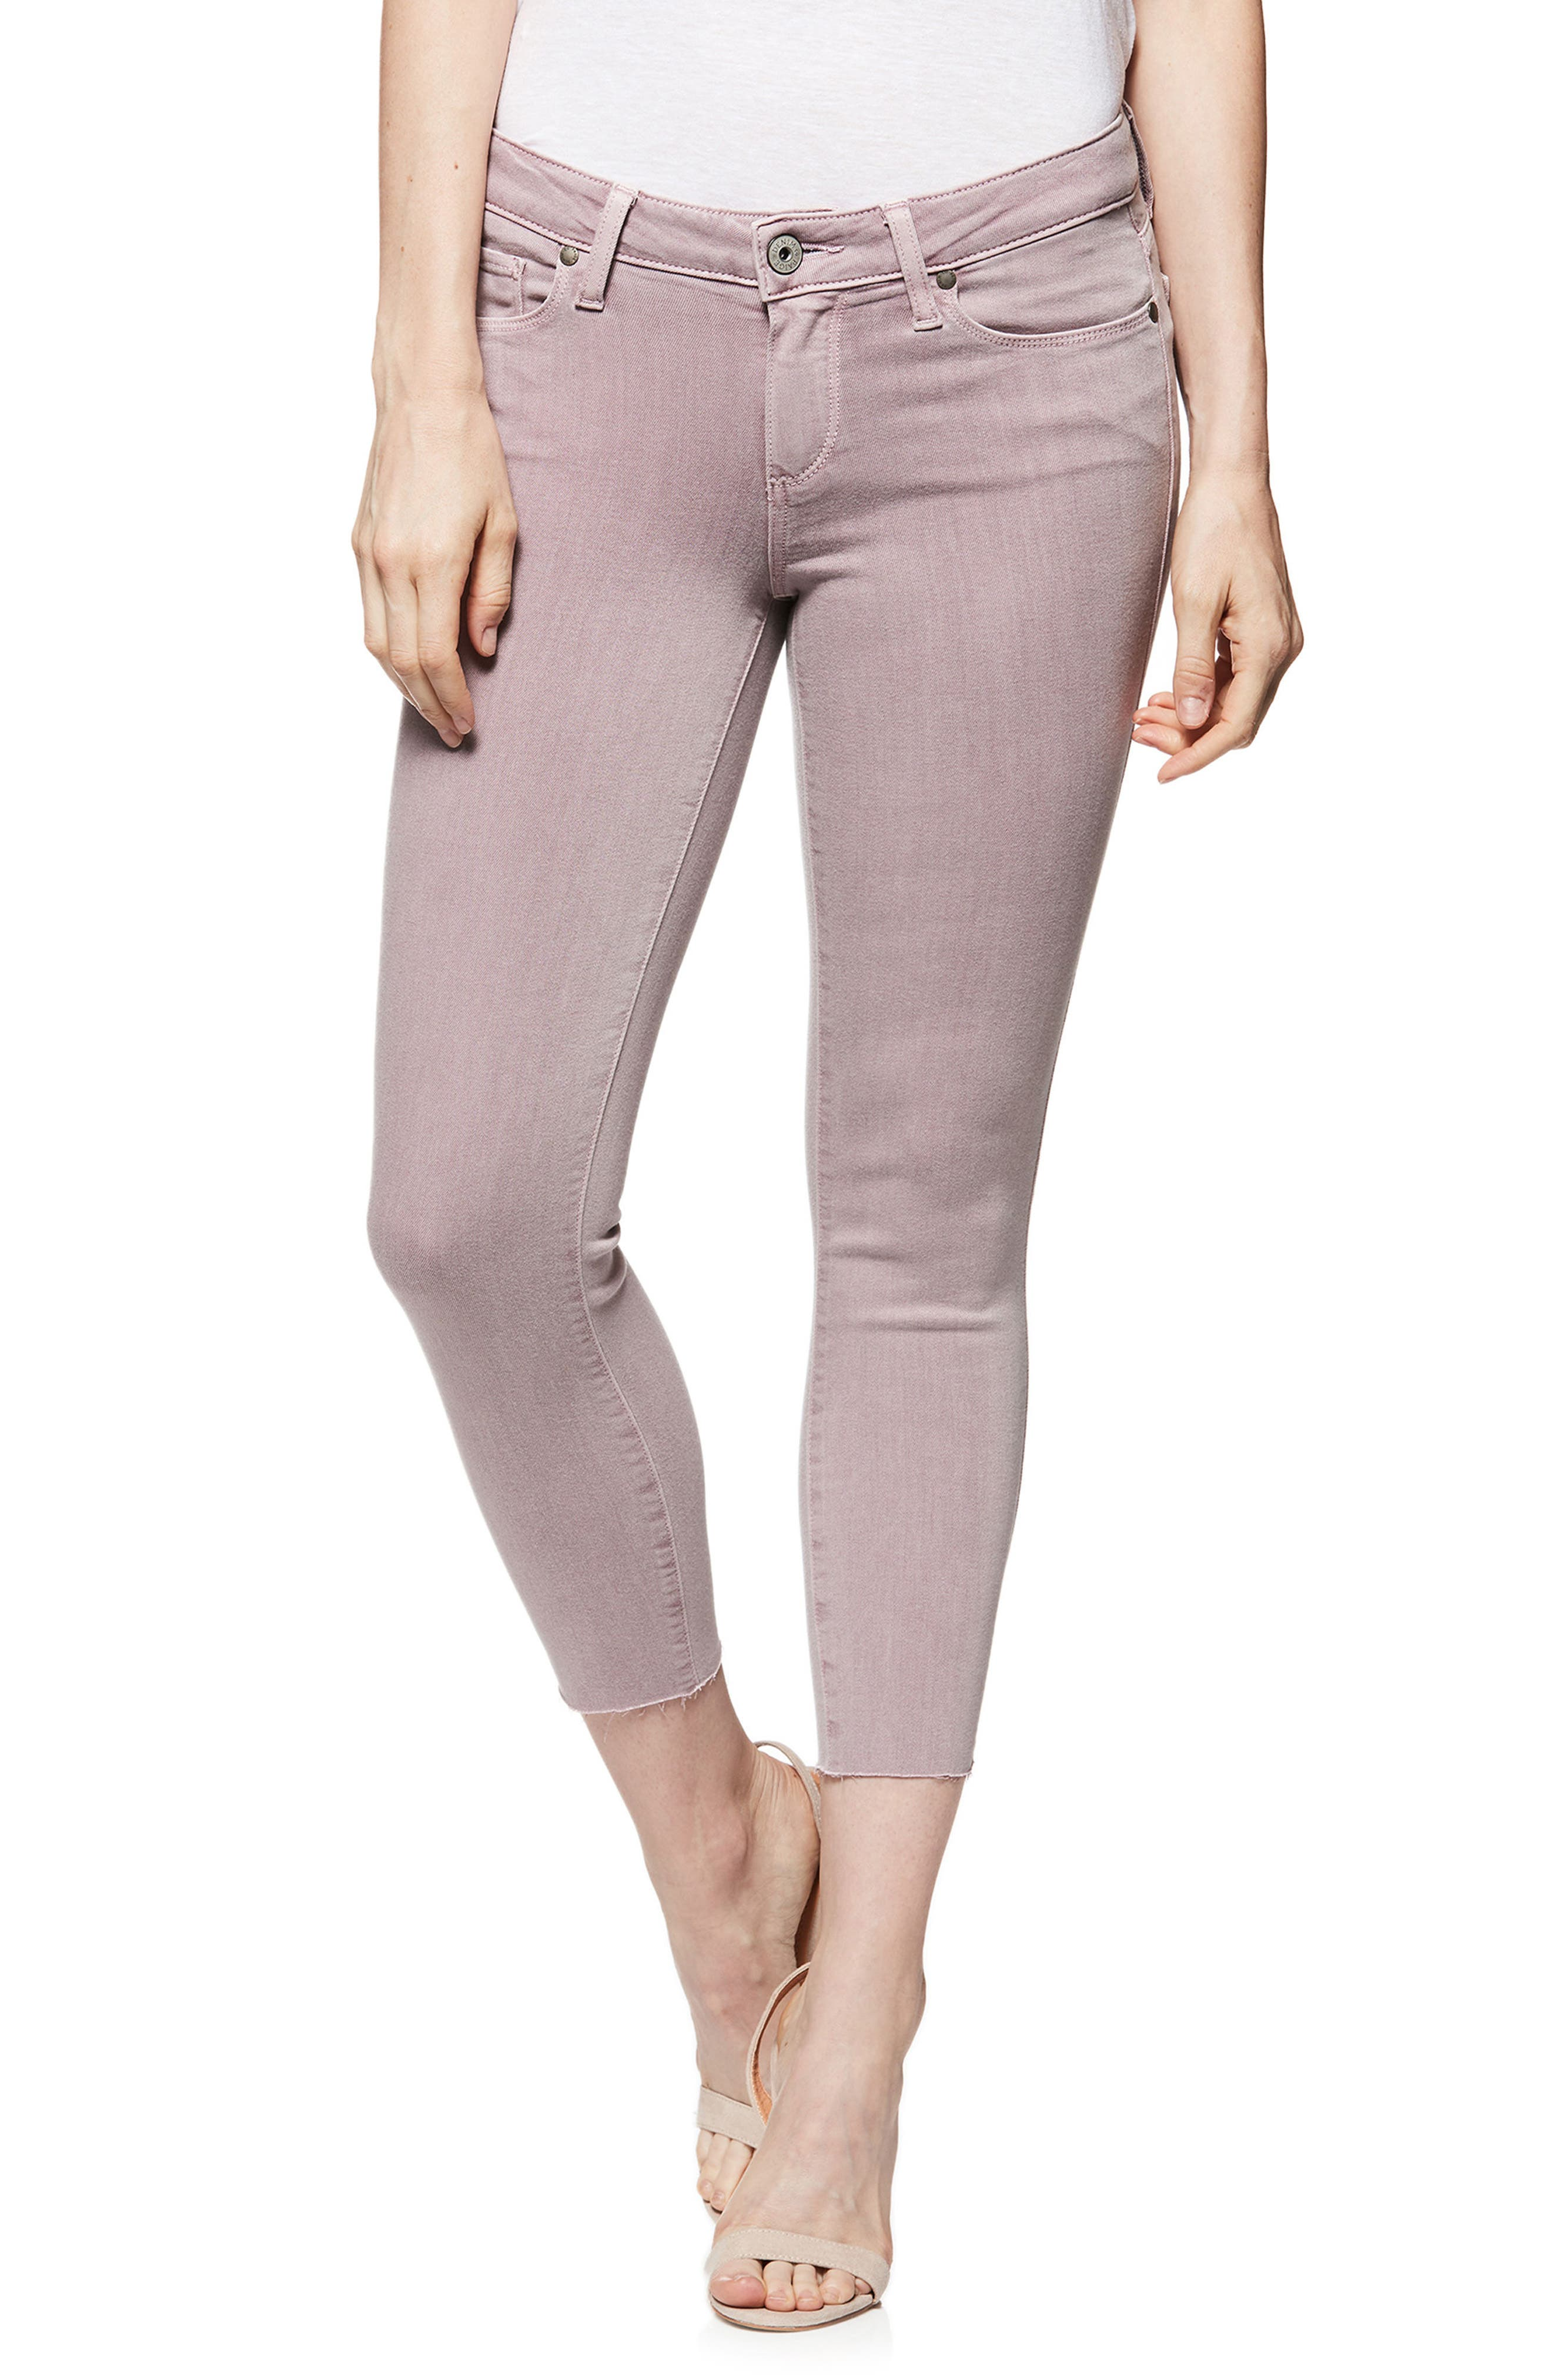 Transcend - Verdugo Raw Hem Crop Skinny Jeans,                         Main,                         color, VINTAGE LAVENDAR BLOOMS